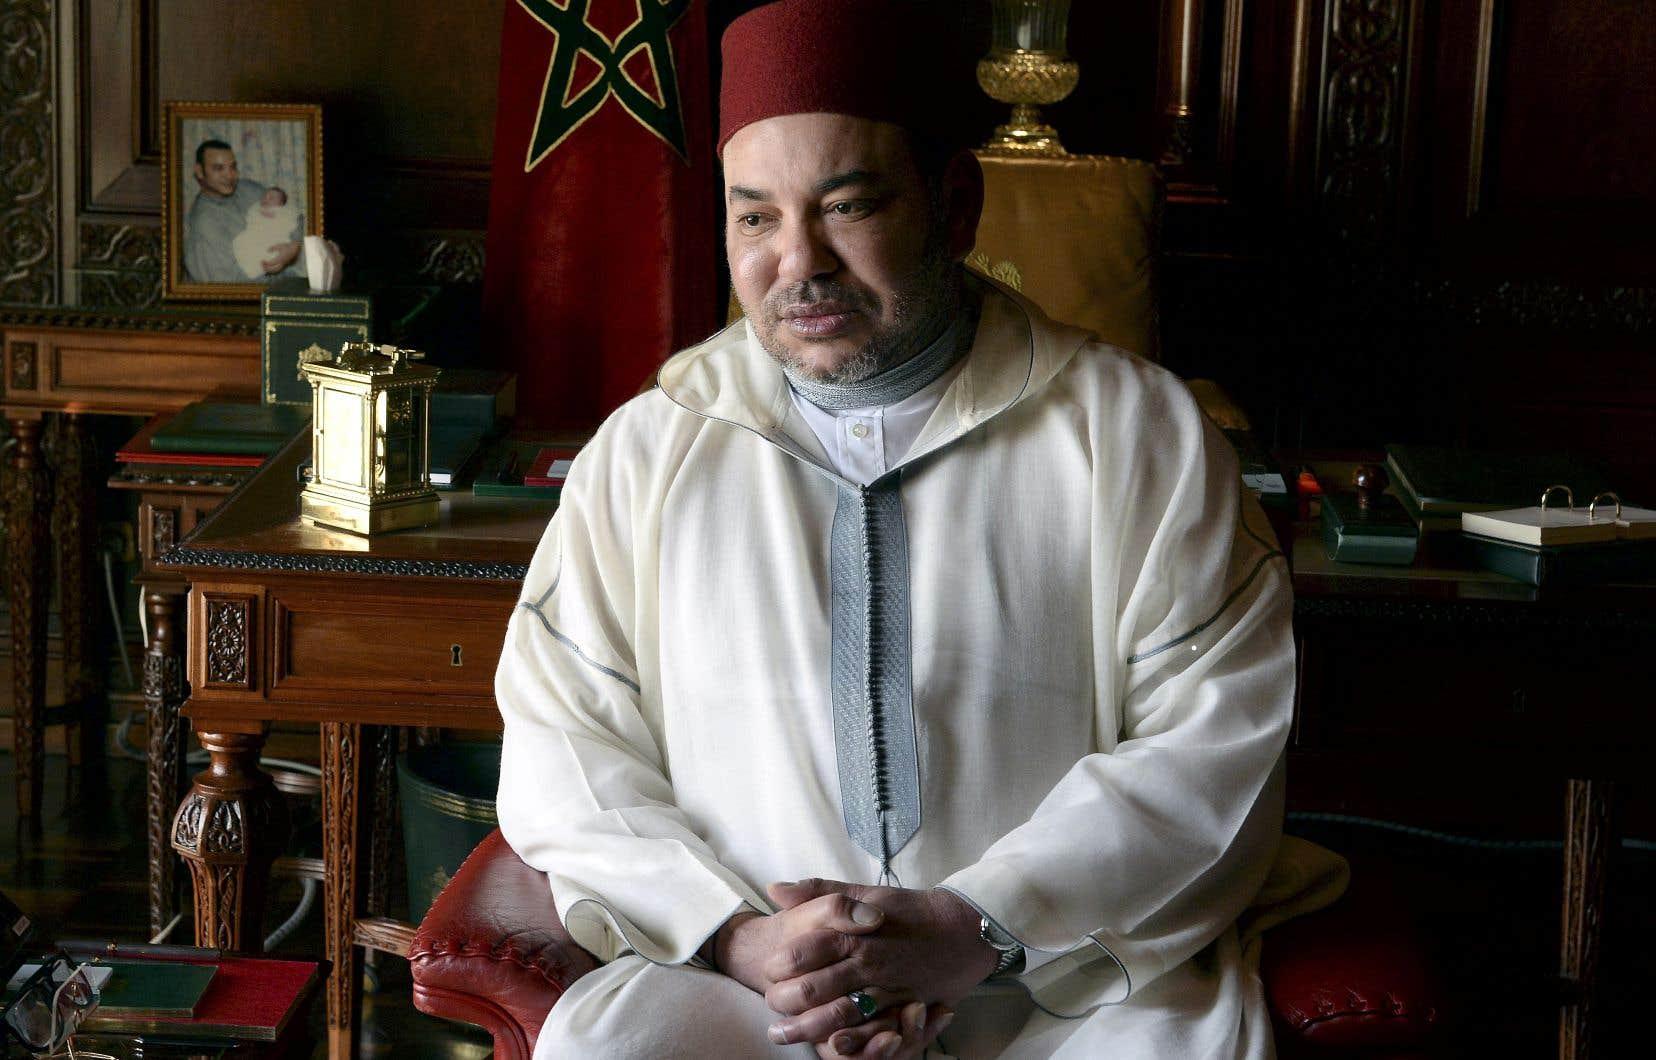 Le règne, de Mohammed VI, entamé le 23 juillet 1999 à la mort de son père, Hassan II, est marqué par une grande stabilité.